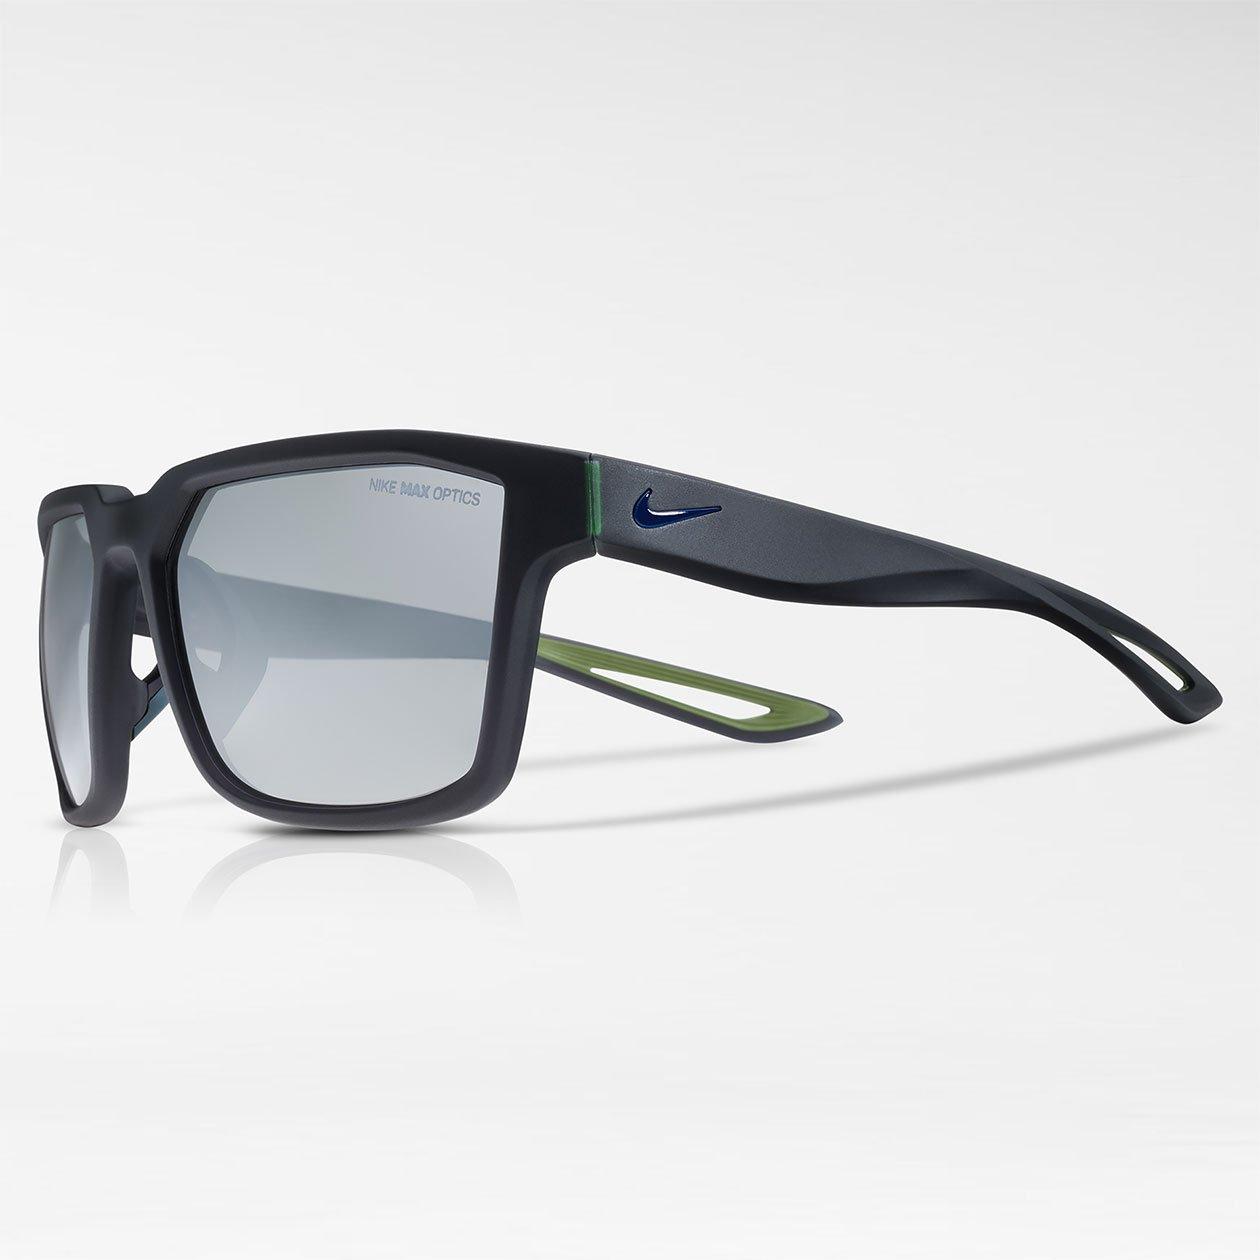 Nike Fleet EV0992 011 55, Gafas de Sol Unisex, Mtt Blck/Gry Slvr F: Amazon.es: Deportes y aire libre